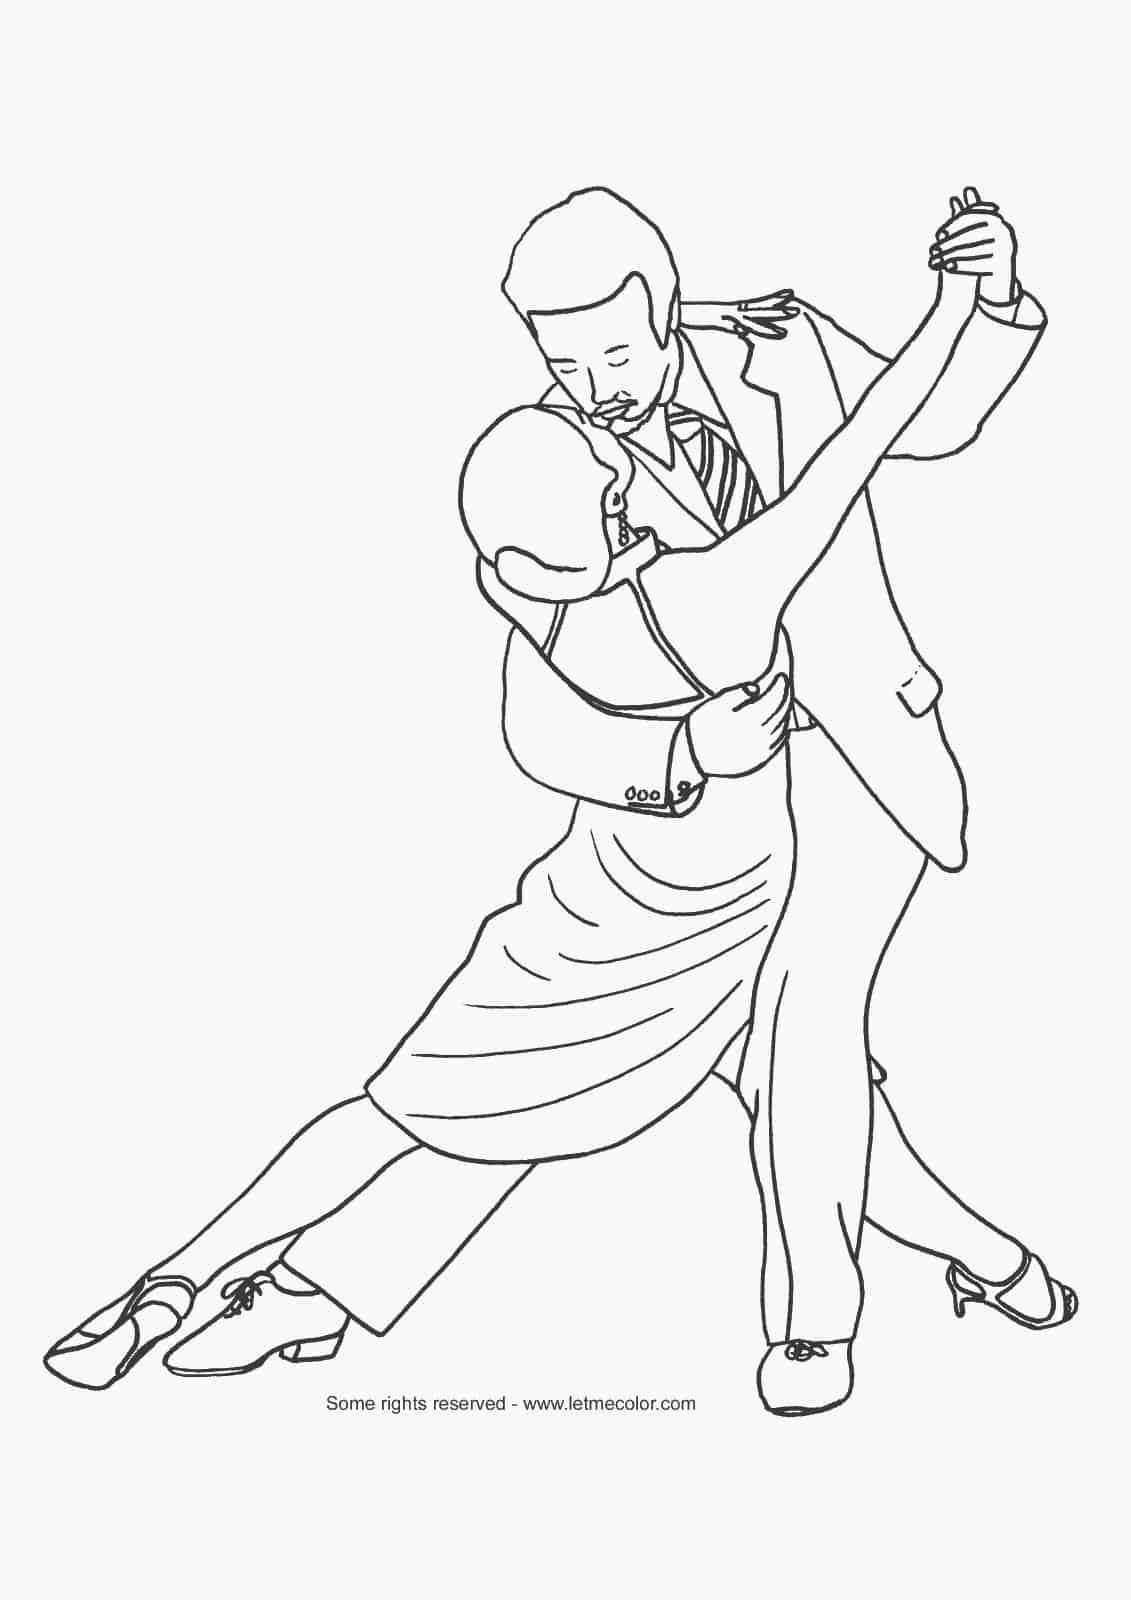 Gratis Kleurplaten Dansen.Kleurplaat Dansen Hobby Blogo Nl